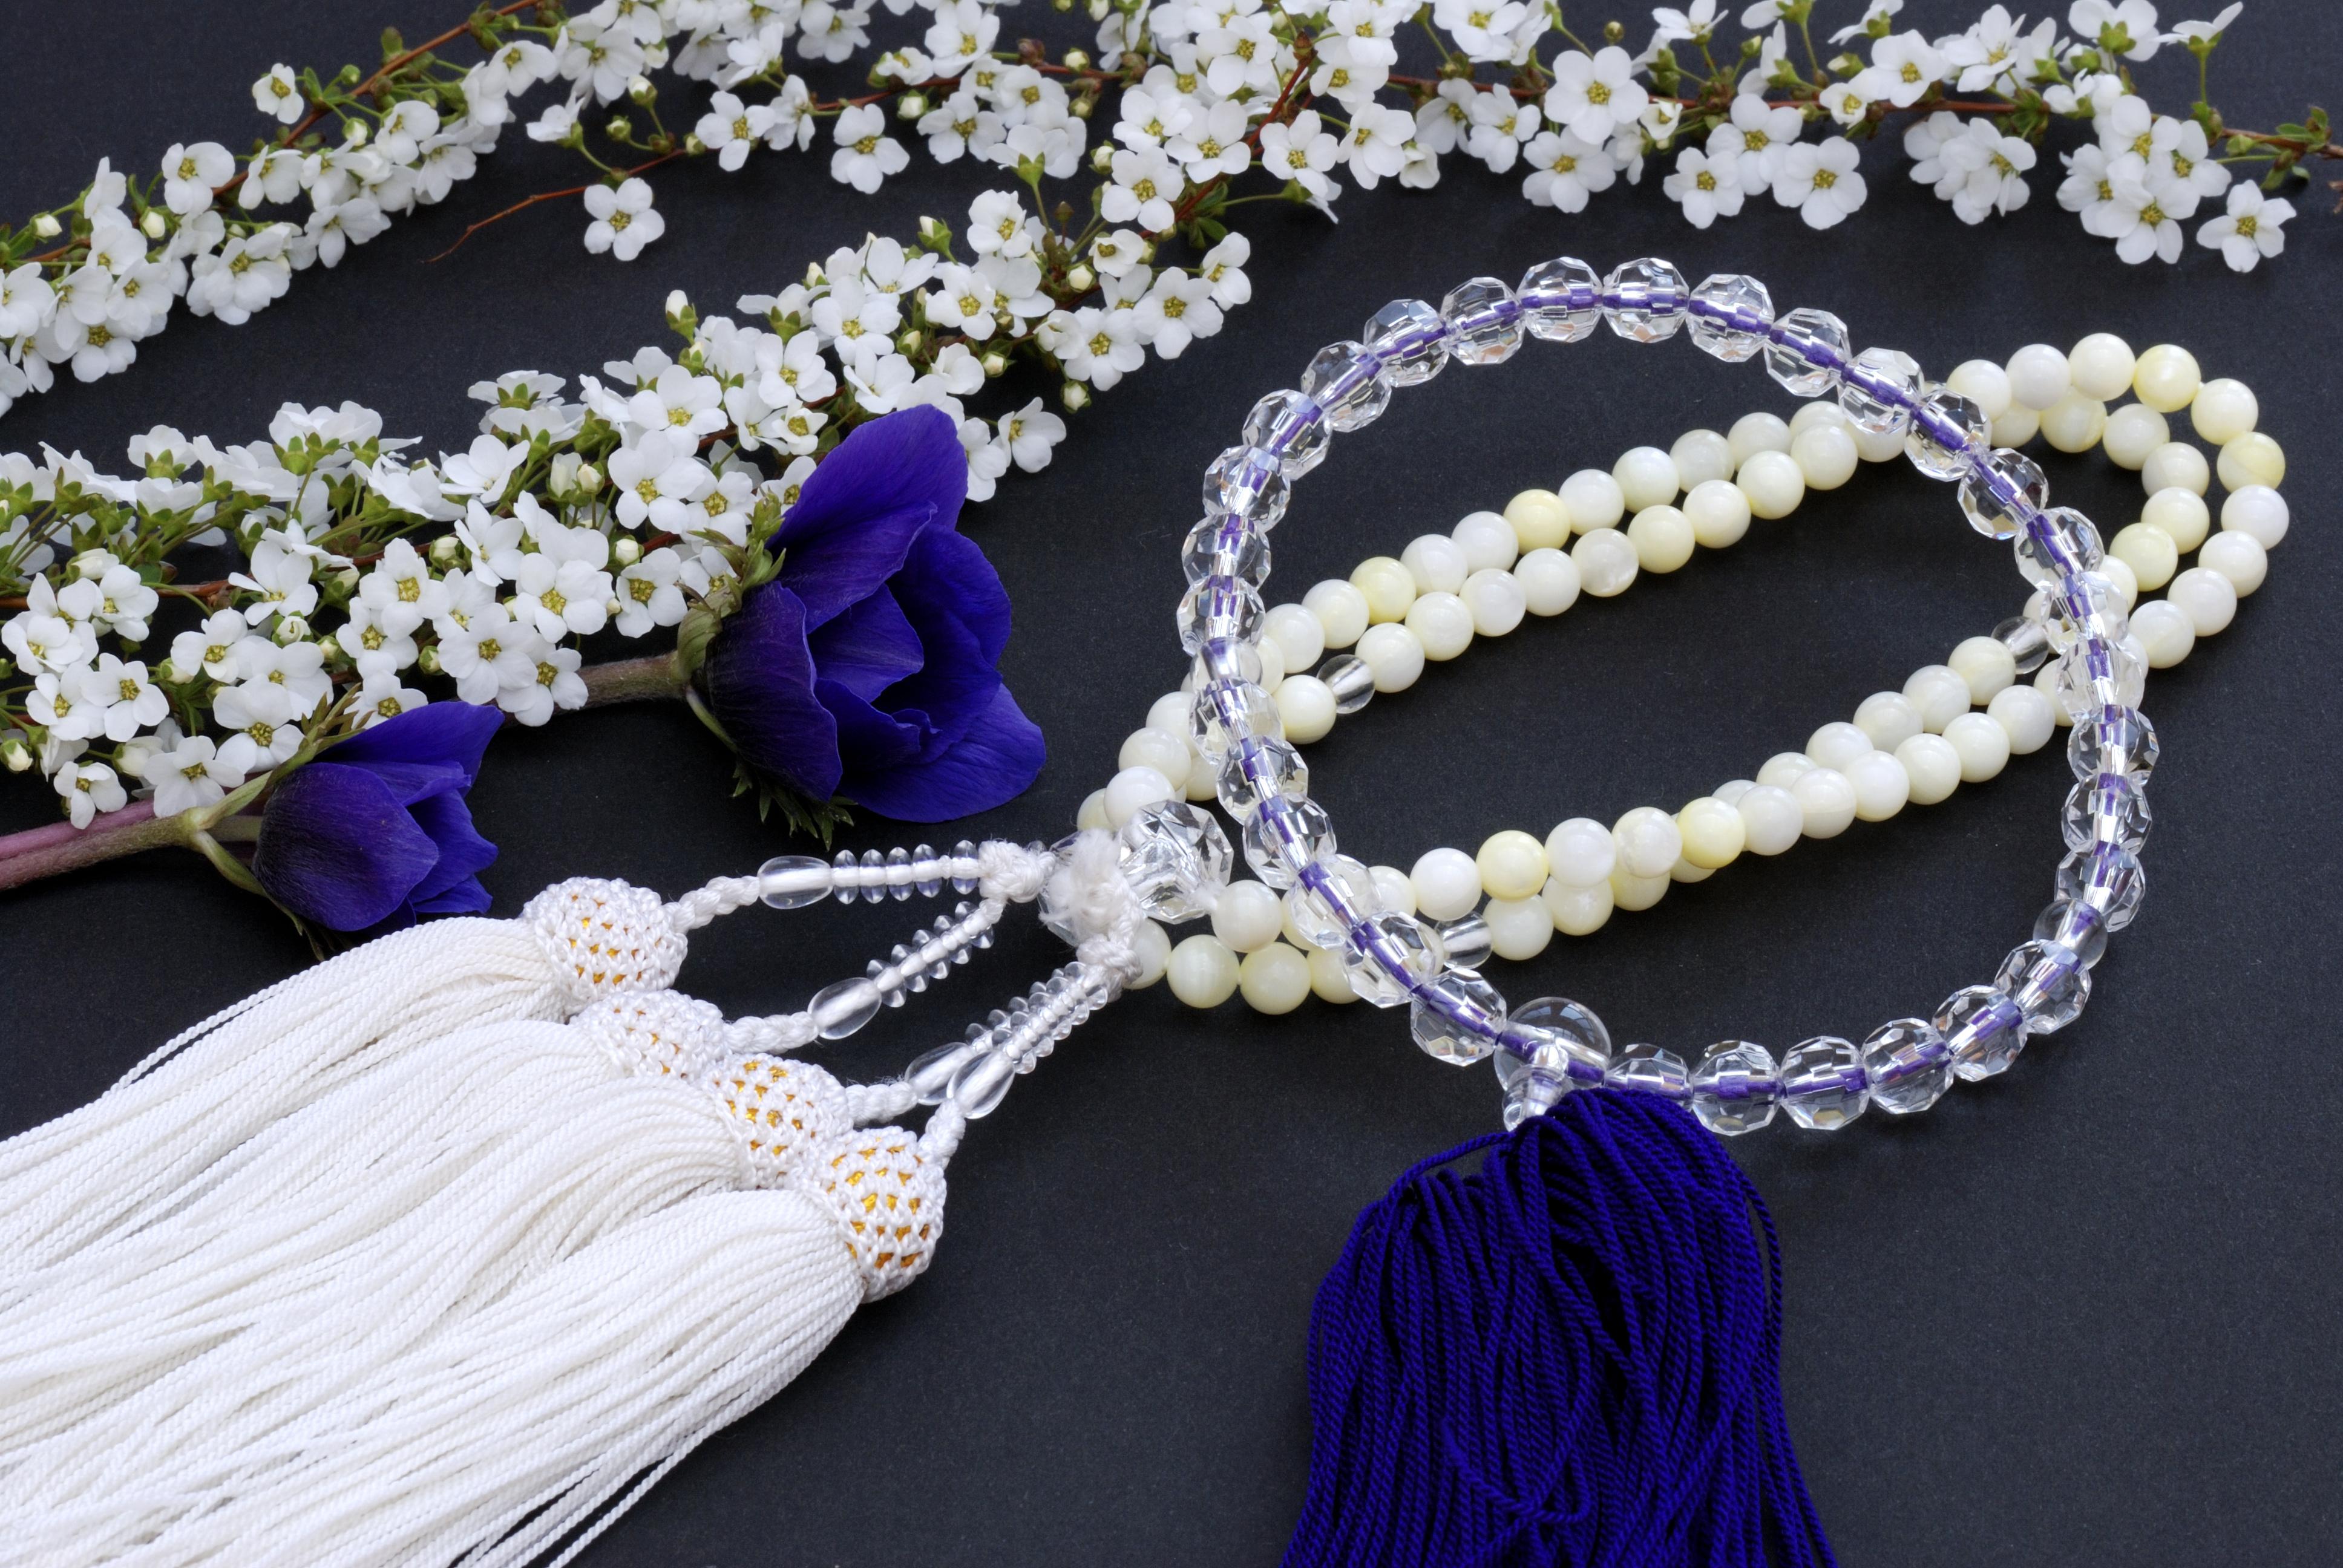 オンライン葬儀でも数珠は必要?数珠の使い方と買える場所を解説!のサムネイル画像